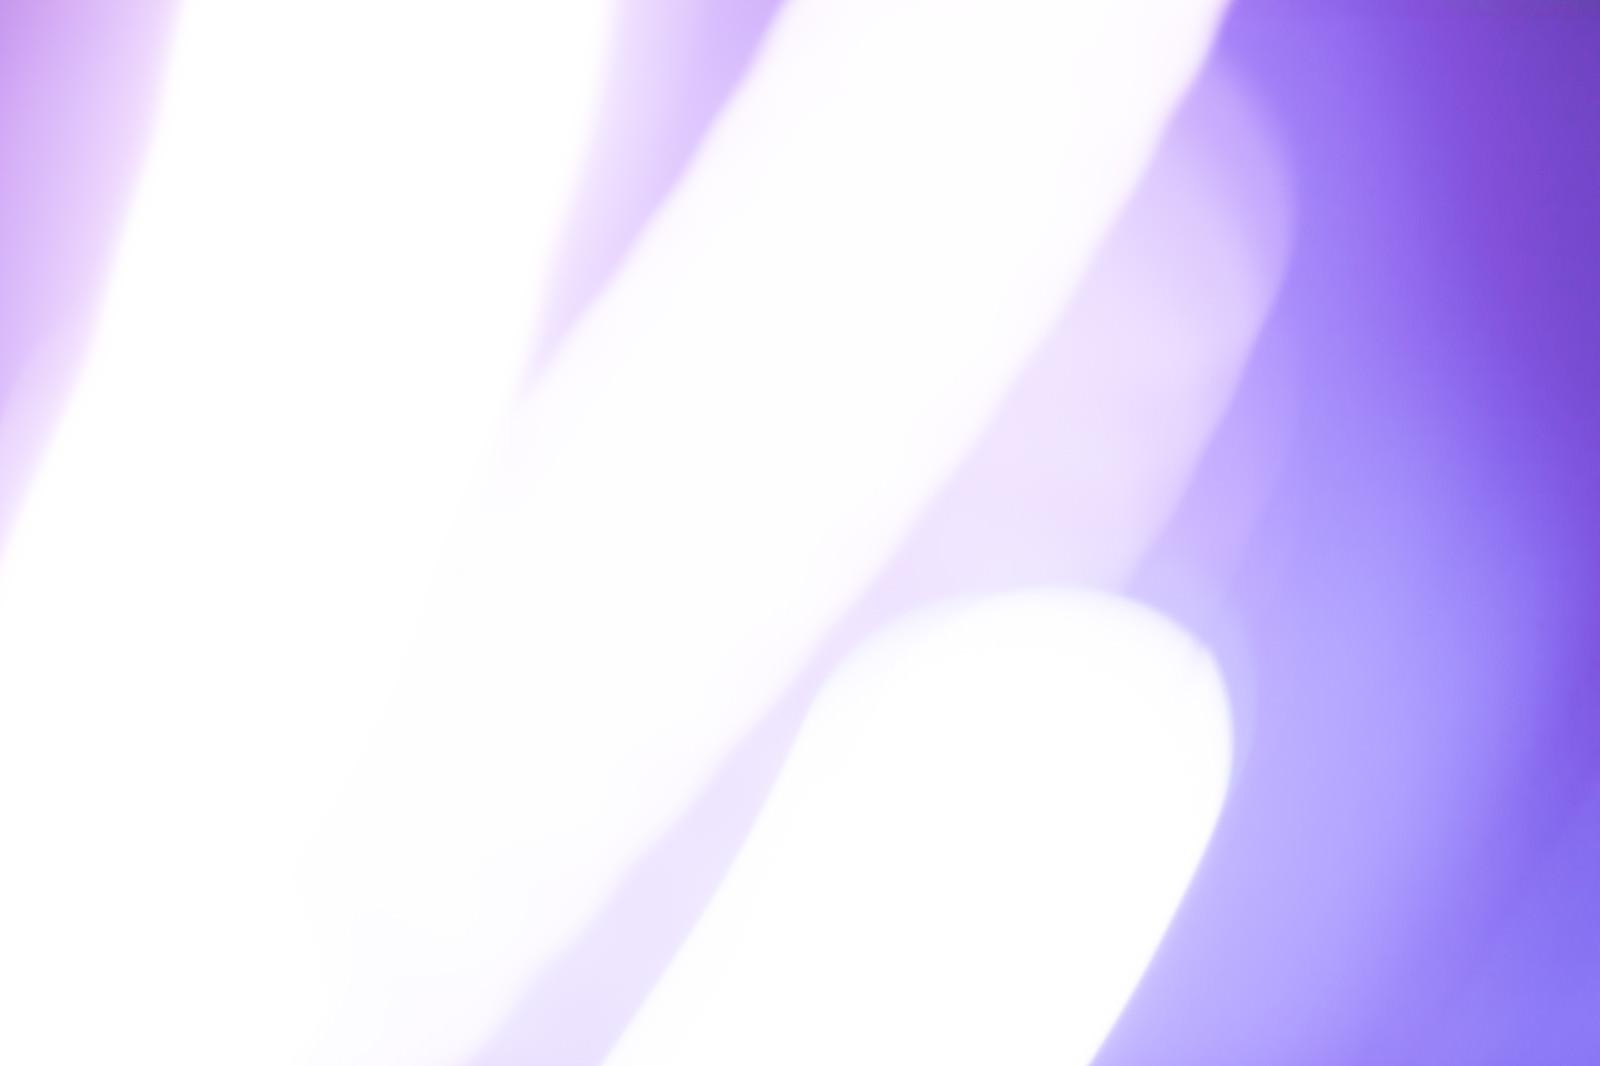 「紫と発光体」の写真